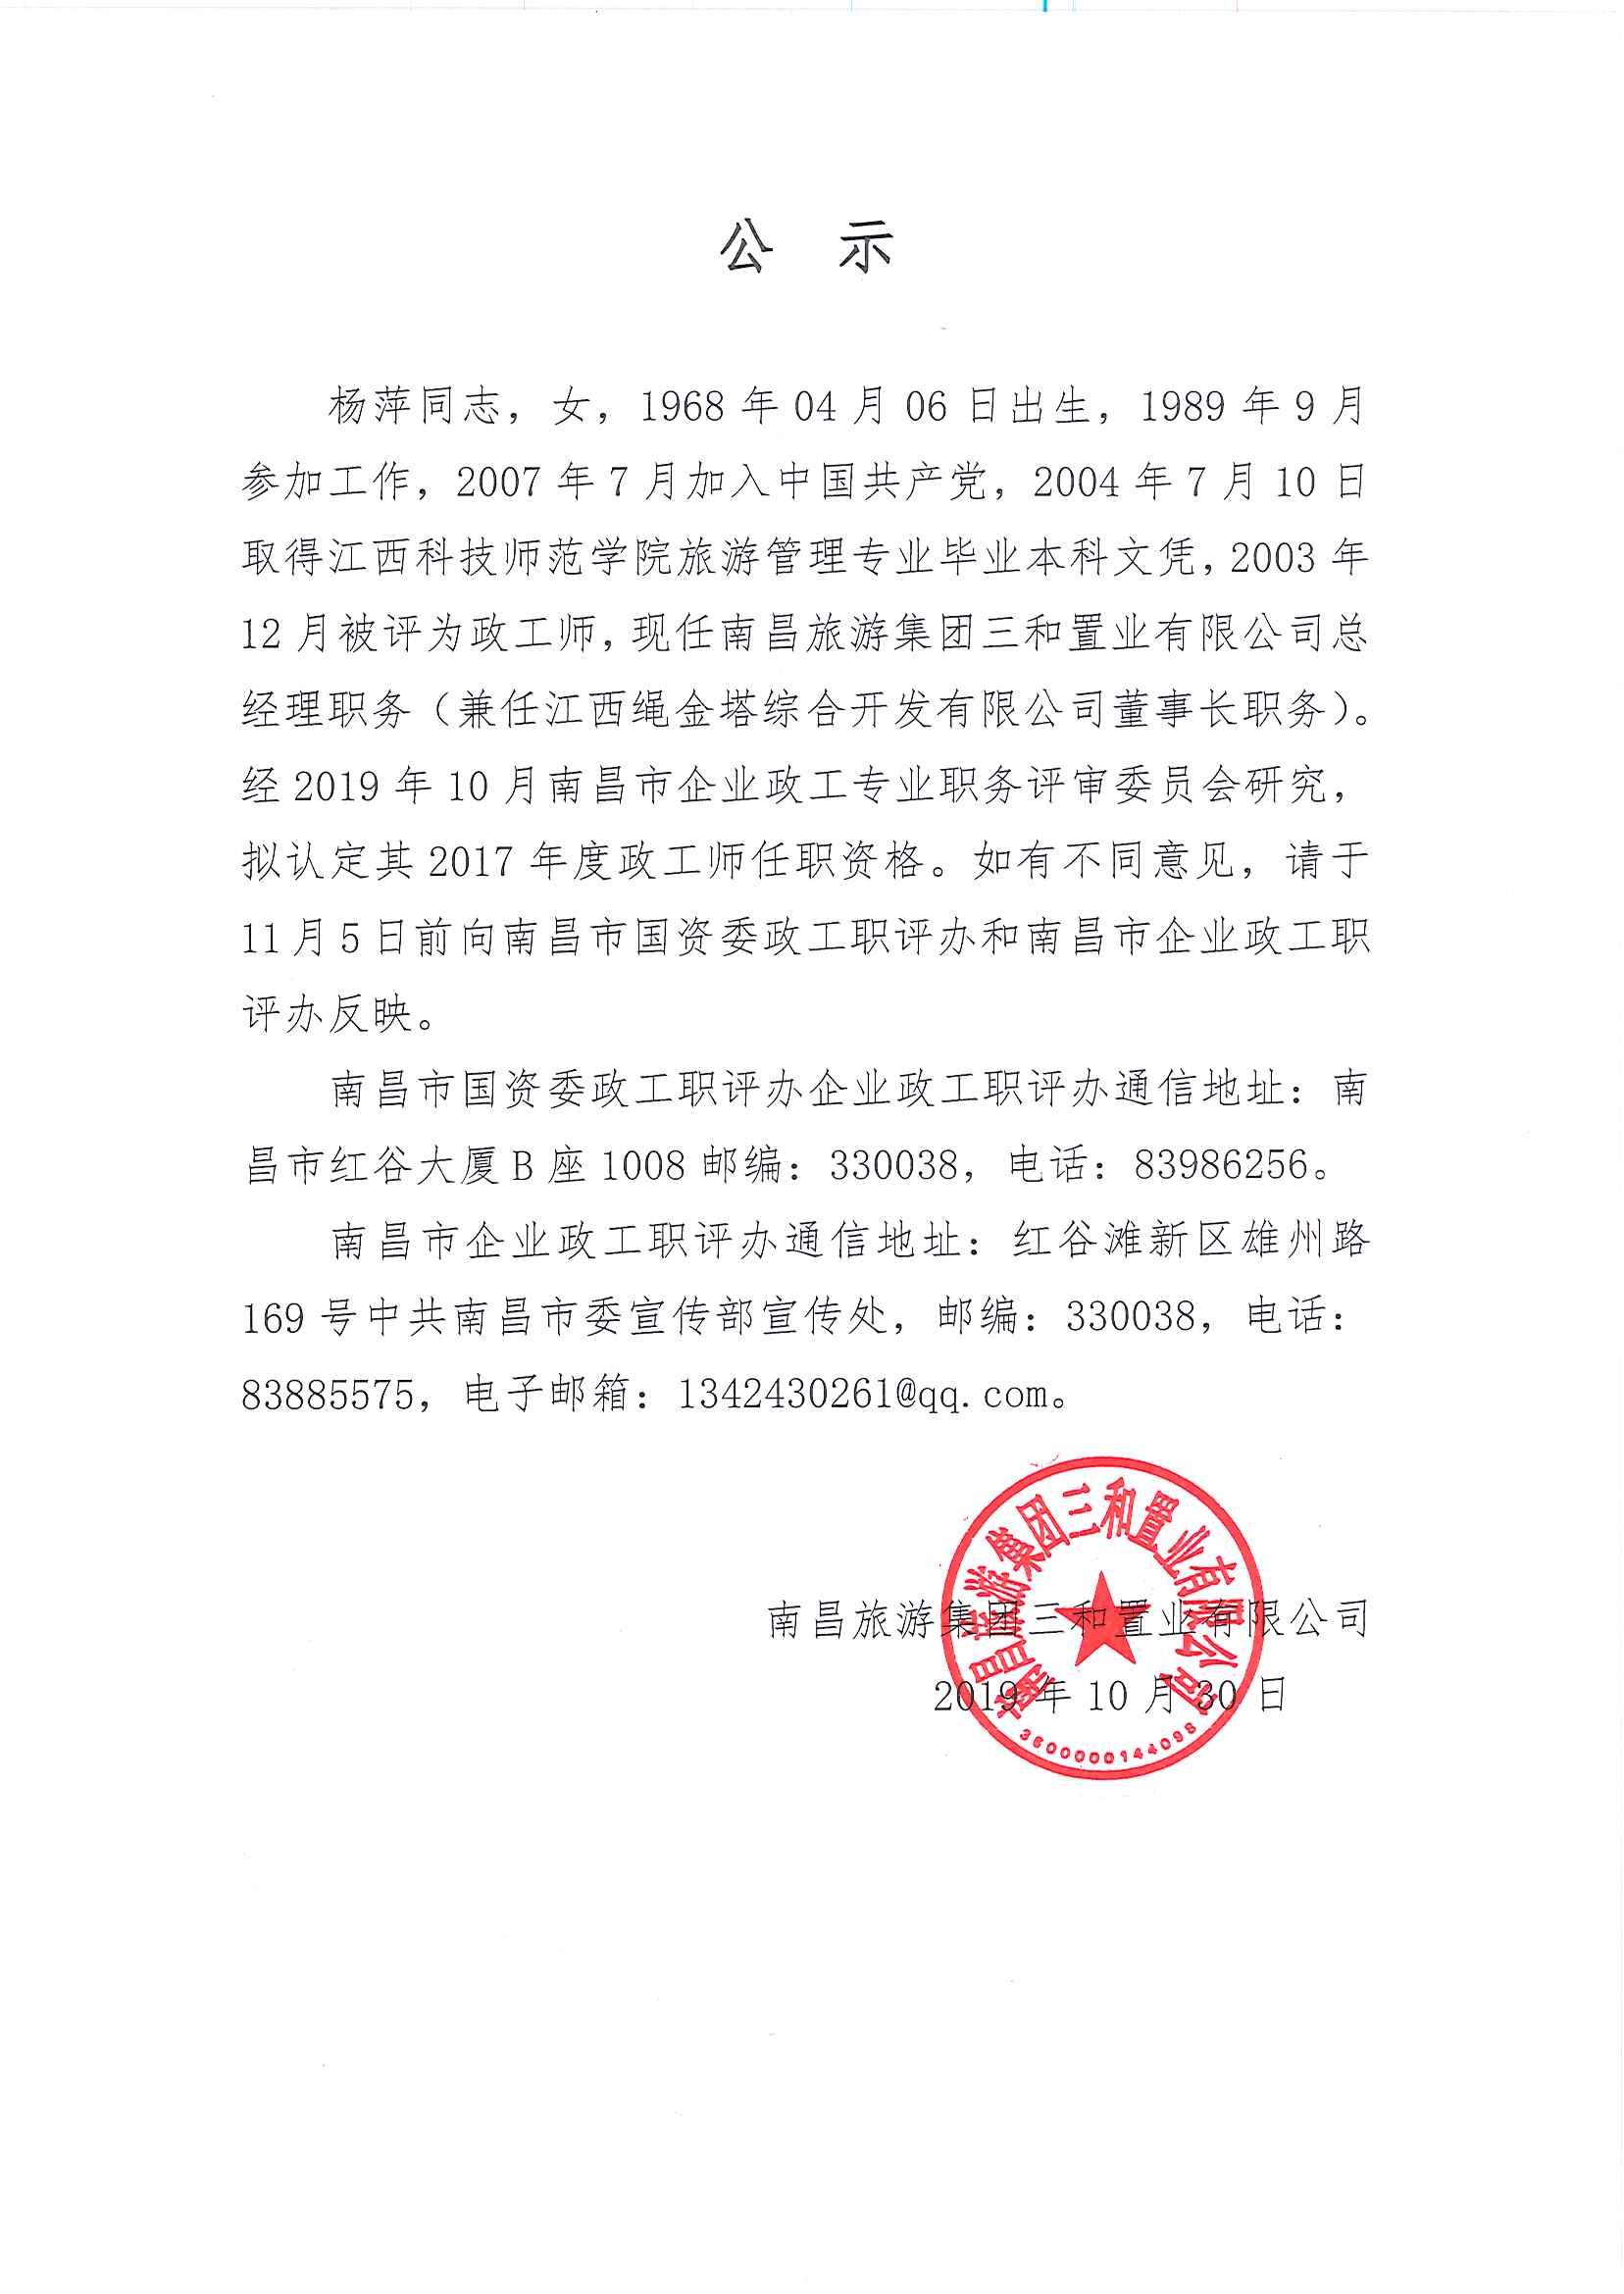 杨萍666666666666666666.jpg